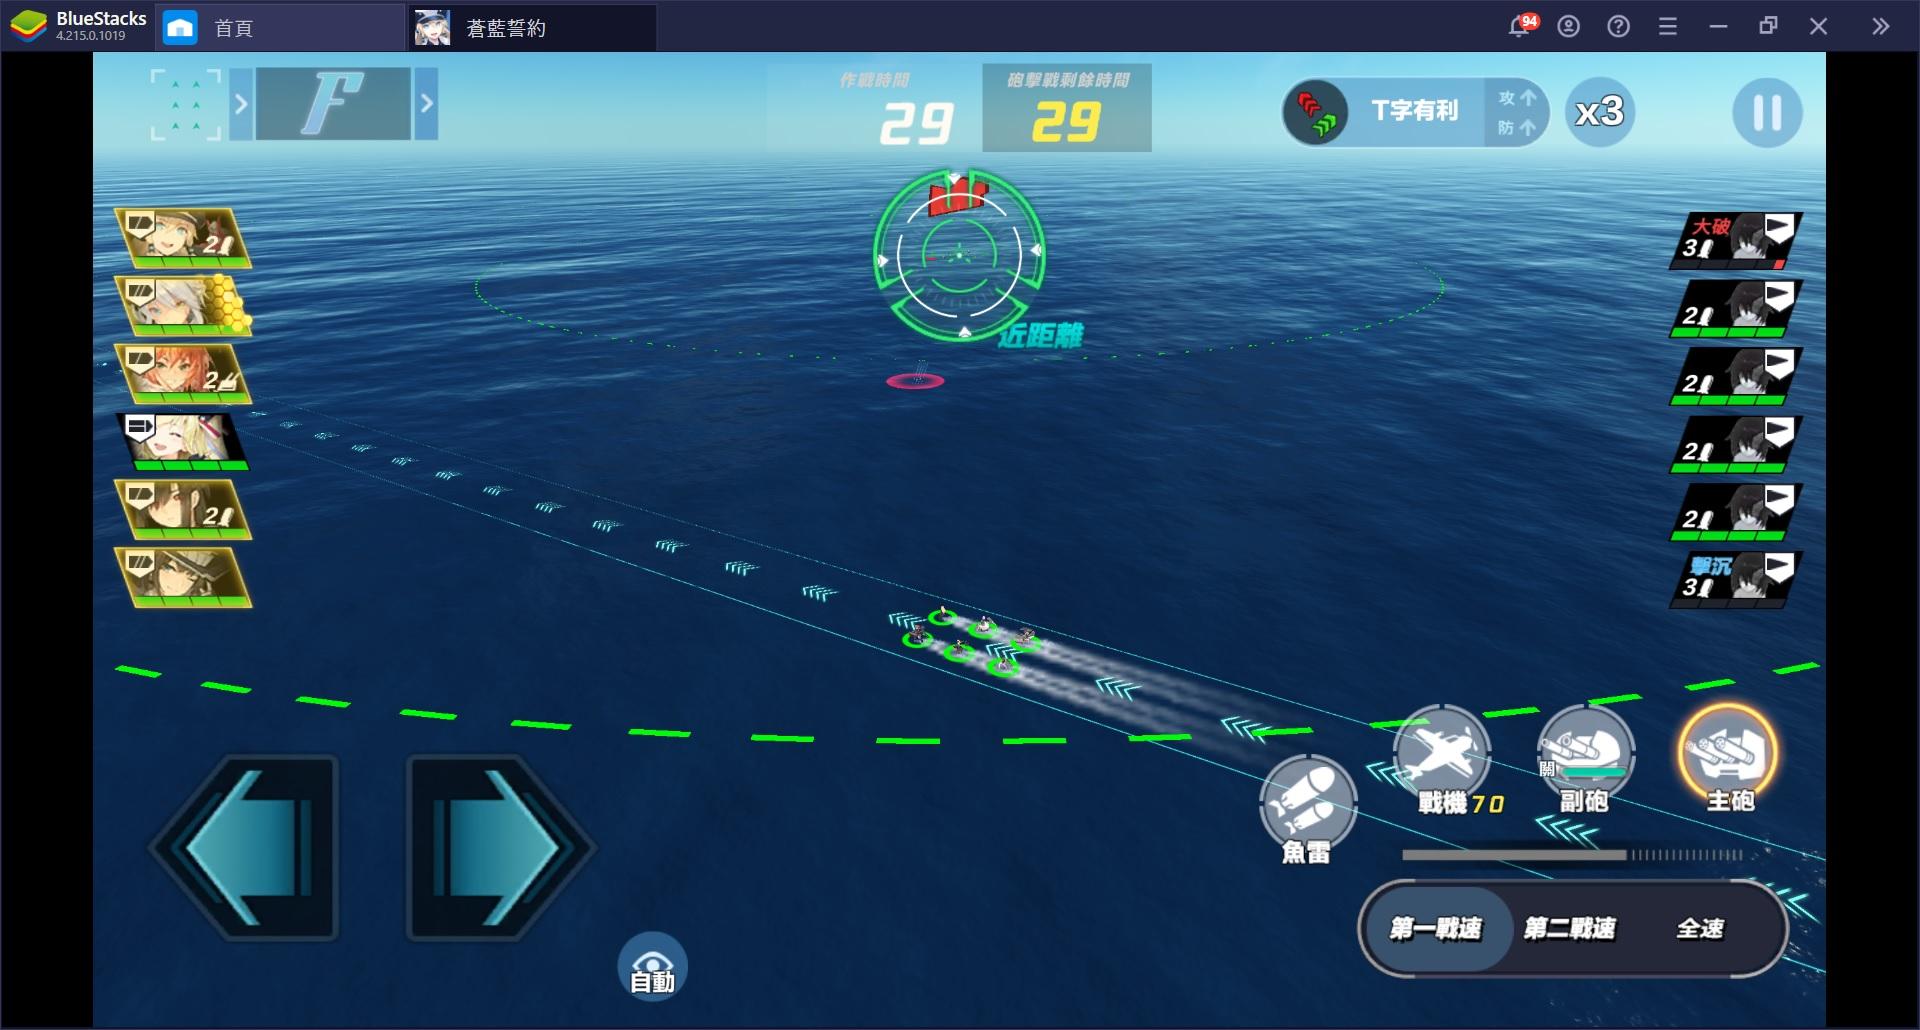 使用BlueStacks在PC上遊玩3D 艦姬即時海戰遊戲《蒼藍誓約》